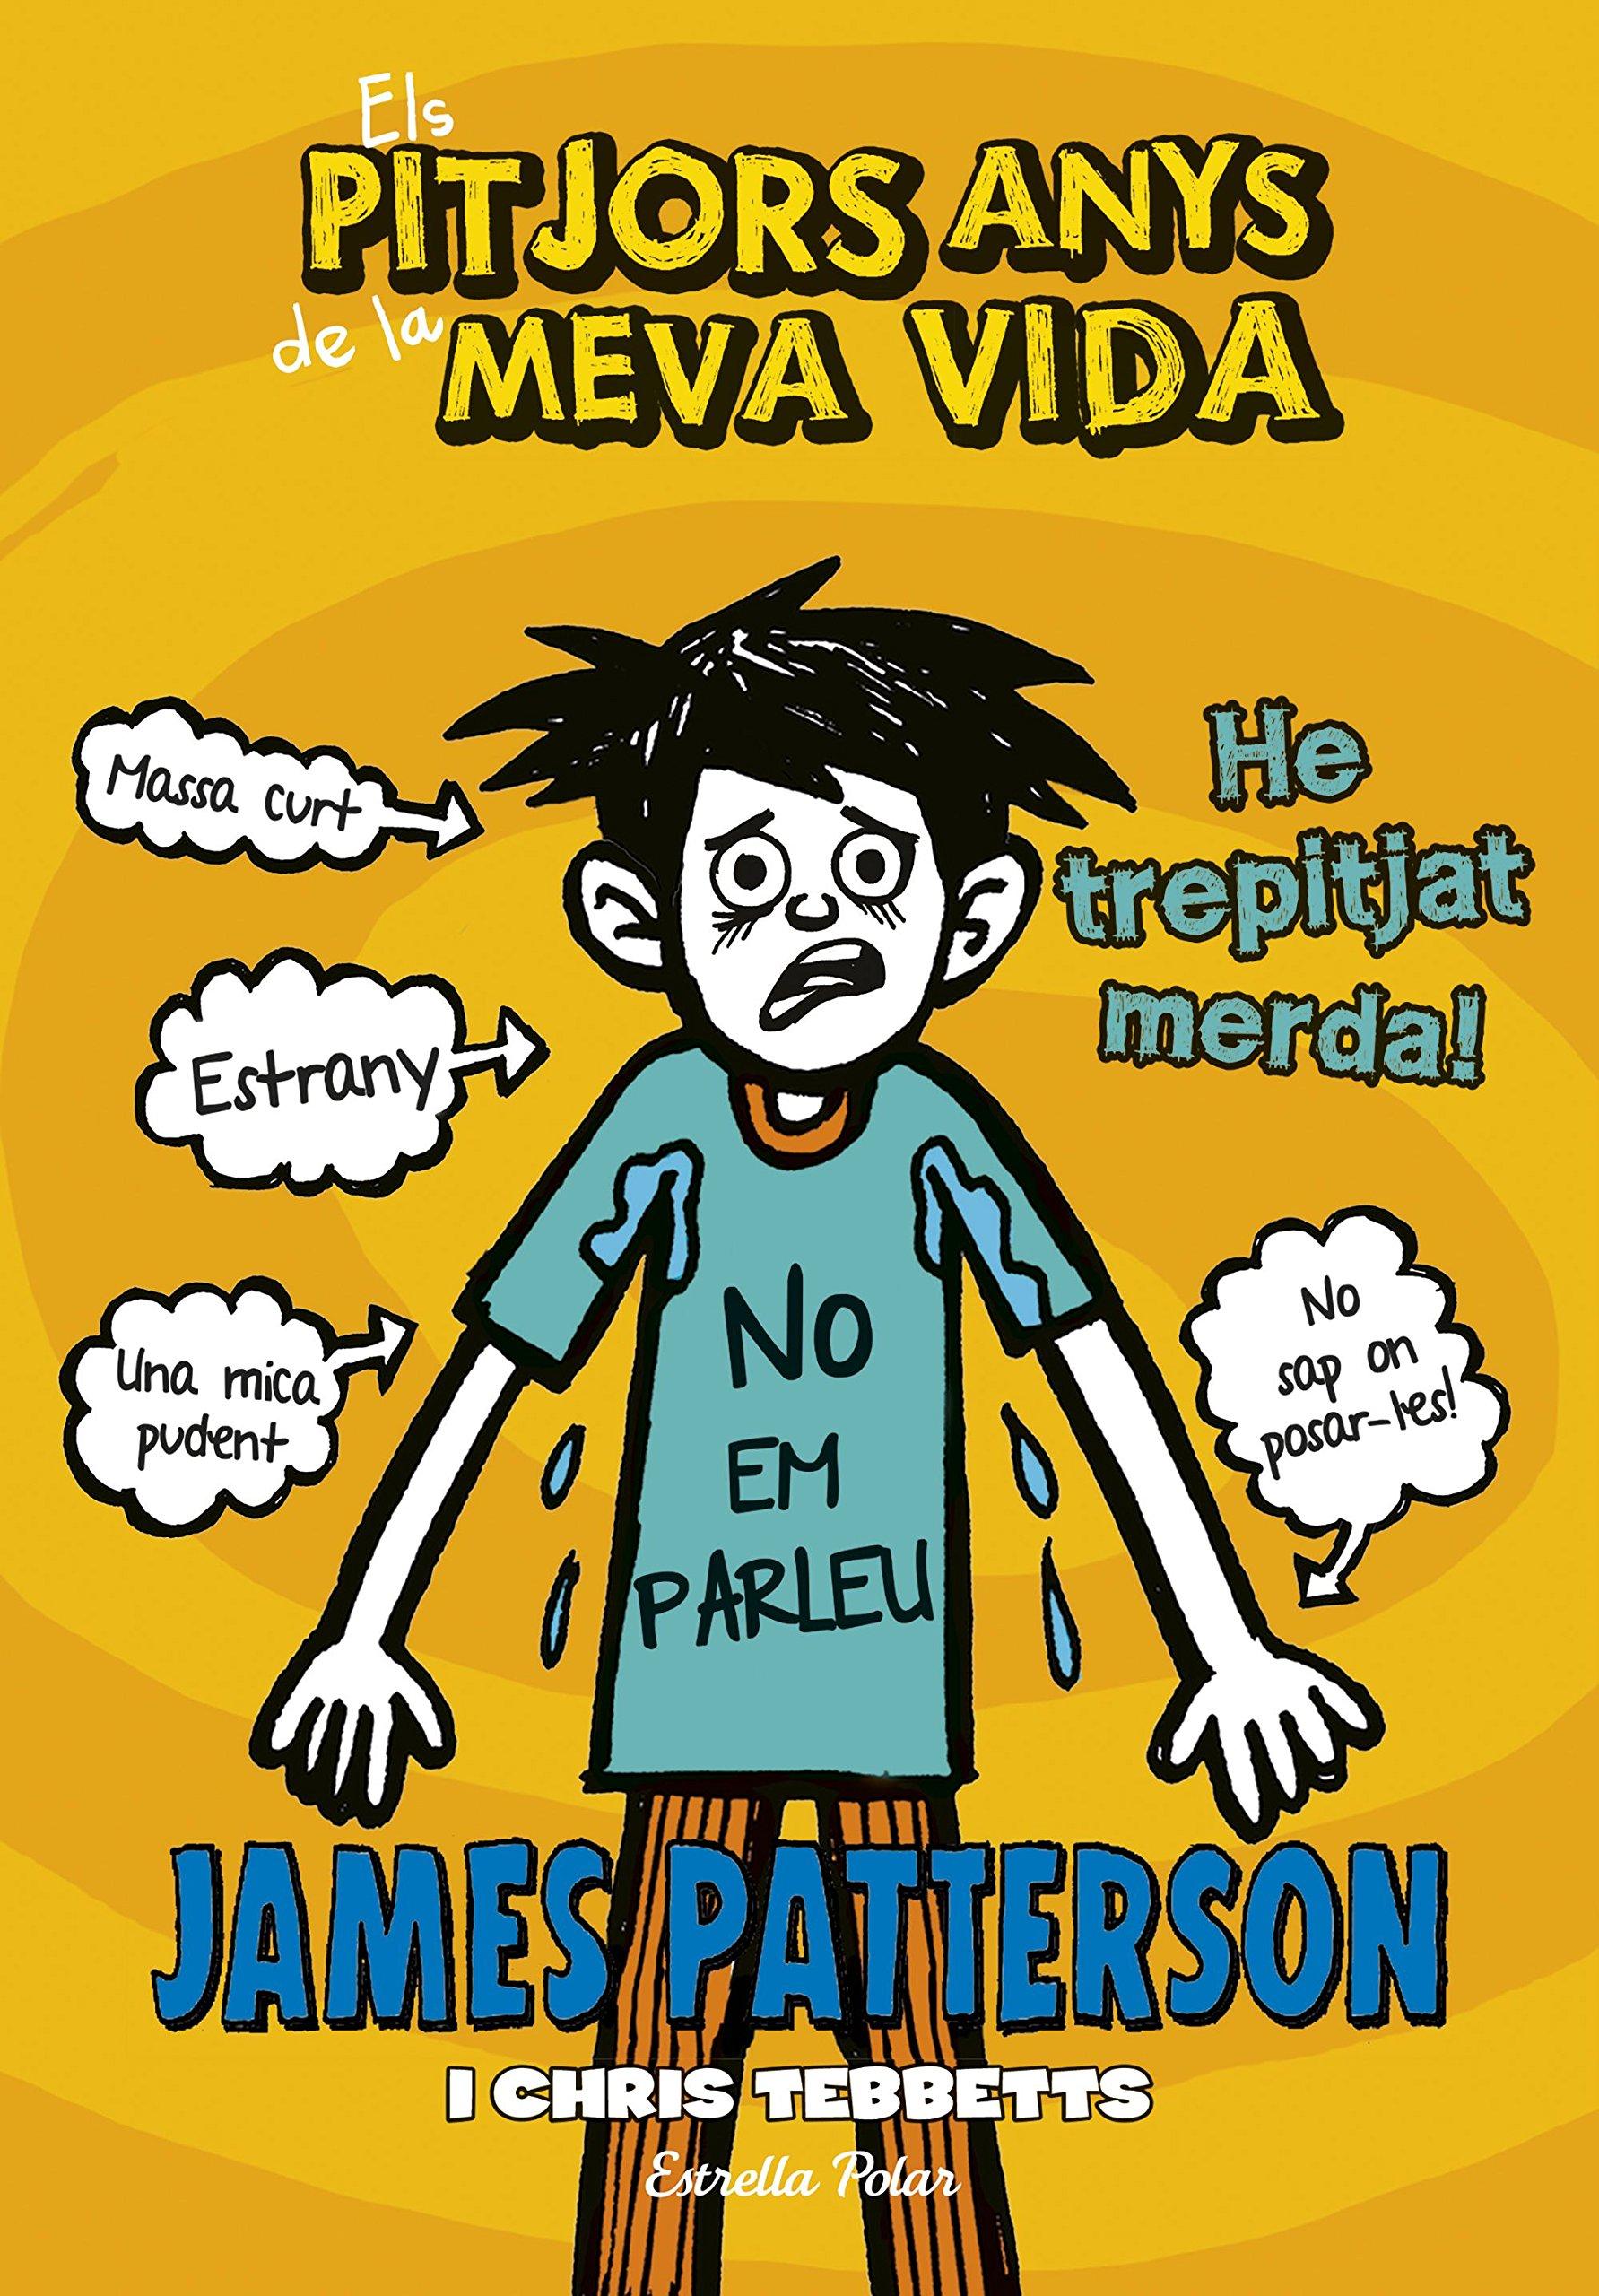 Els pitjors anys de la meva vida 7. He trepitjat merda Biblioteca James Patterson: Amazon.es: Patterson, James, Guiu Vidal, Maria Ángels: Libros